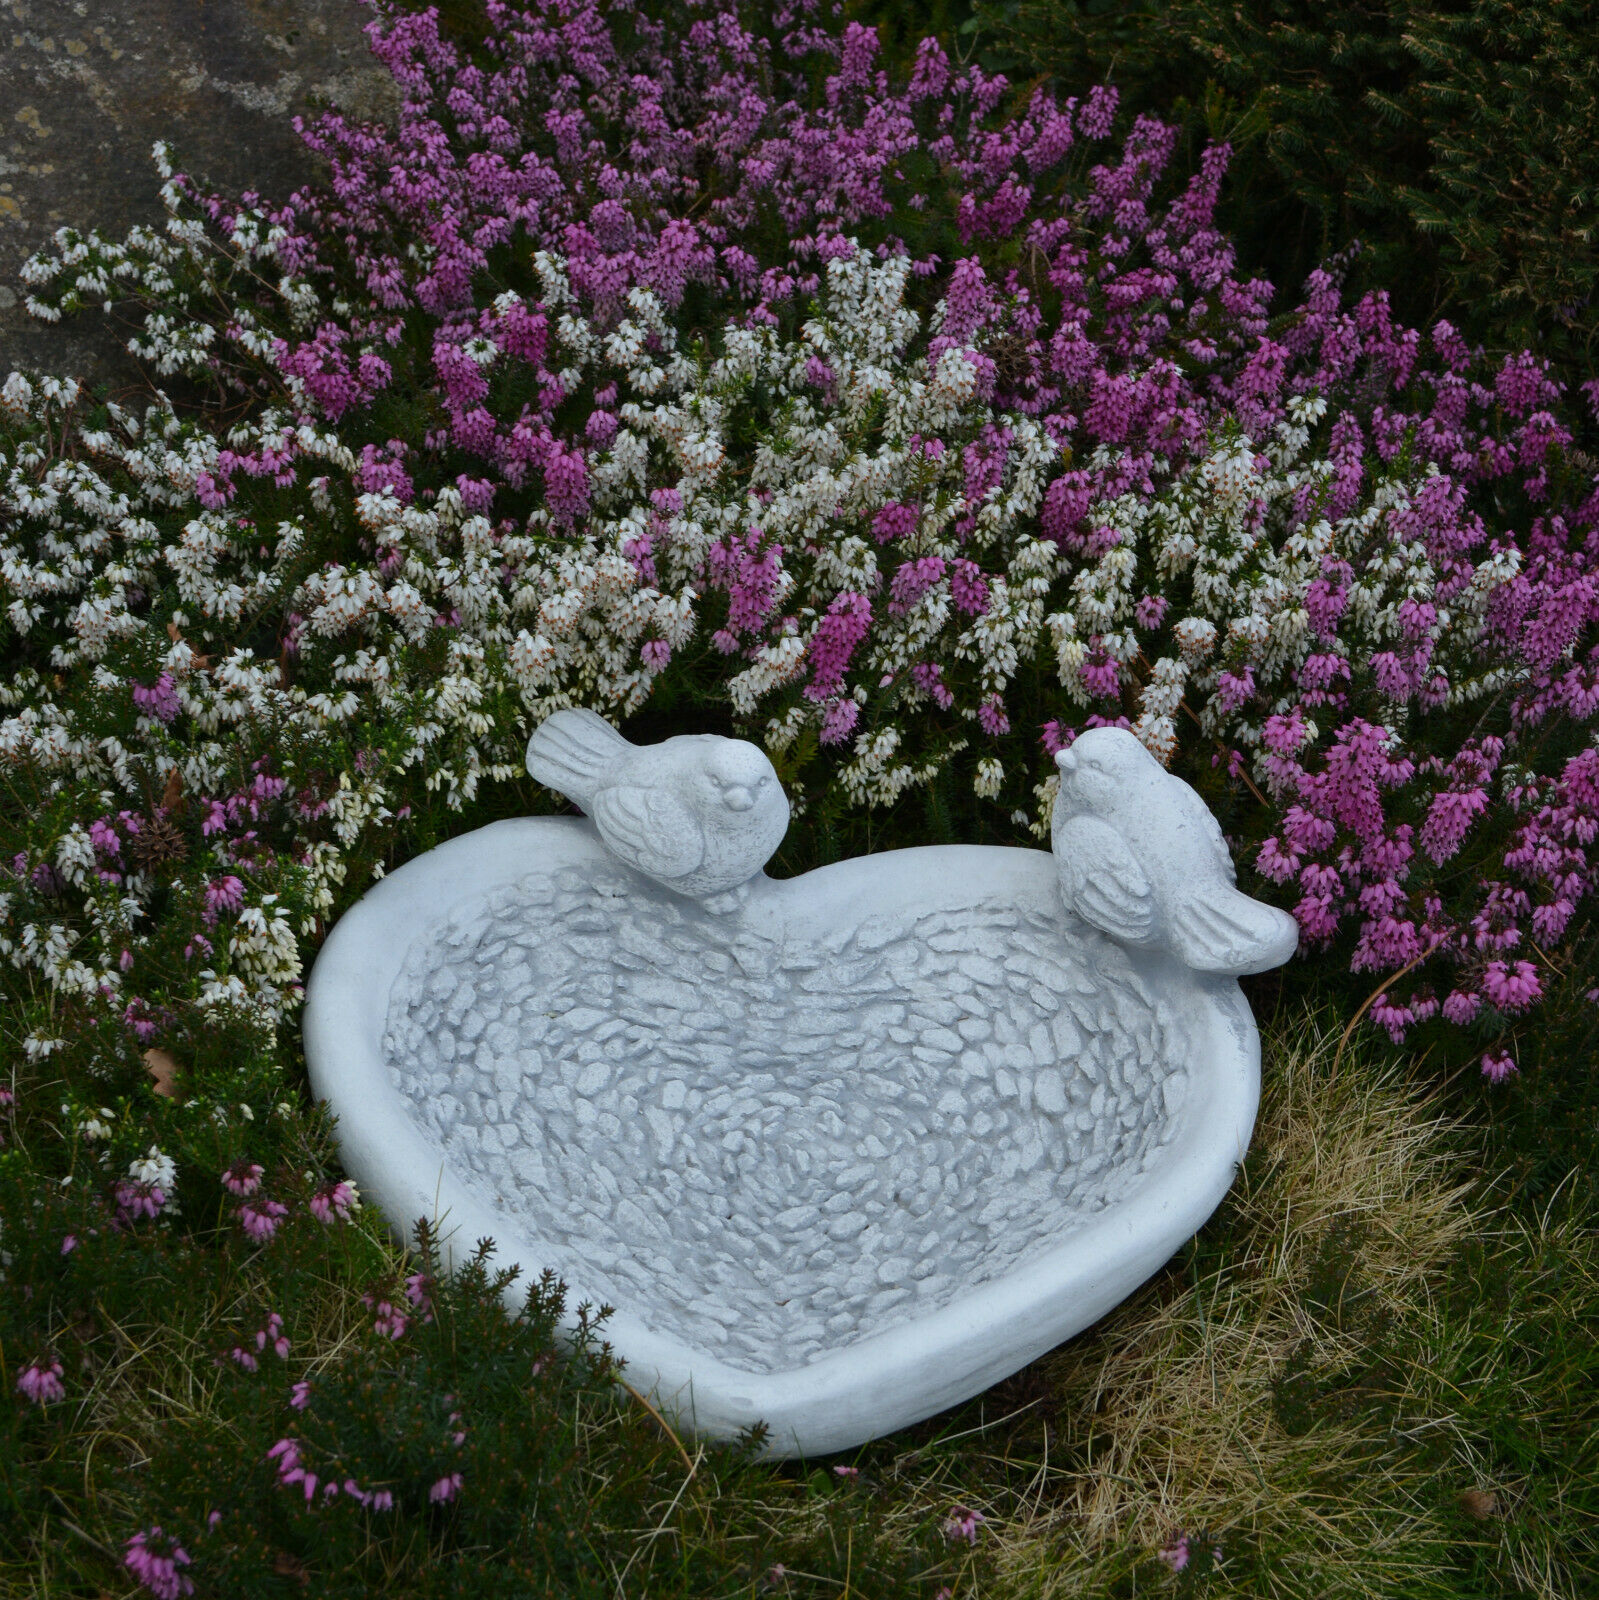 Massive piedra personaje pocillo corazón con pájaros pajaro bebedor de piedra fundición frostfes